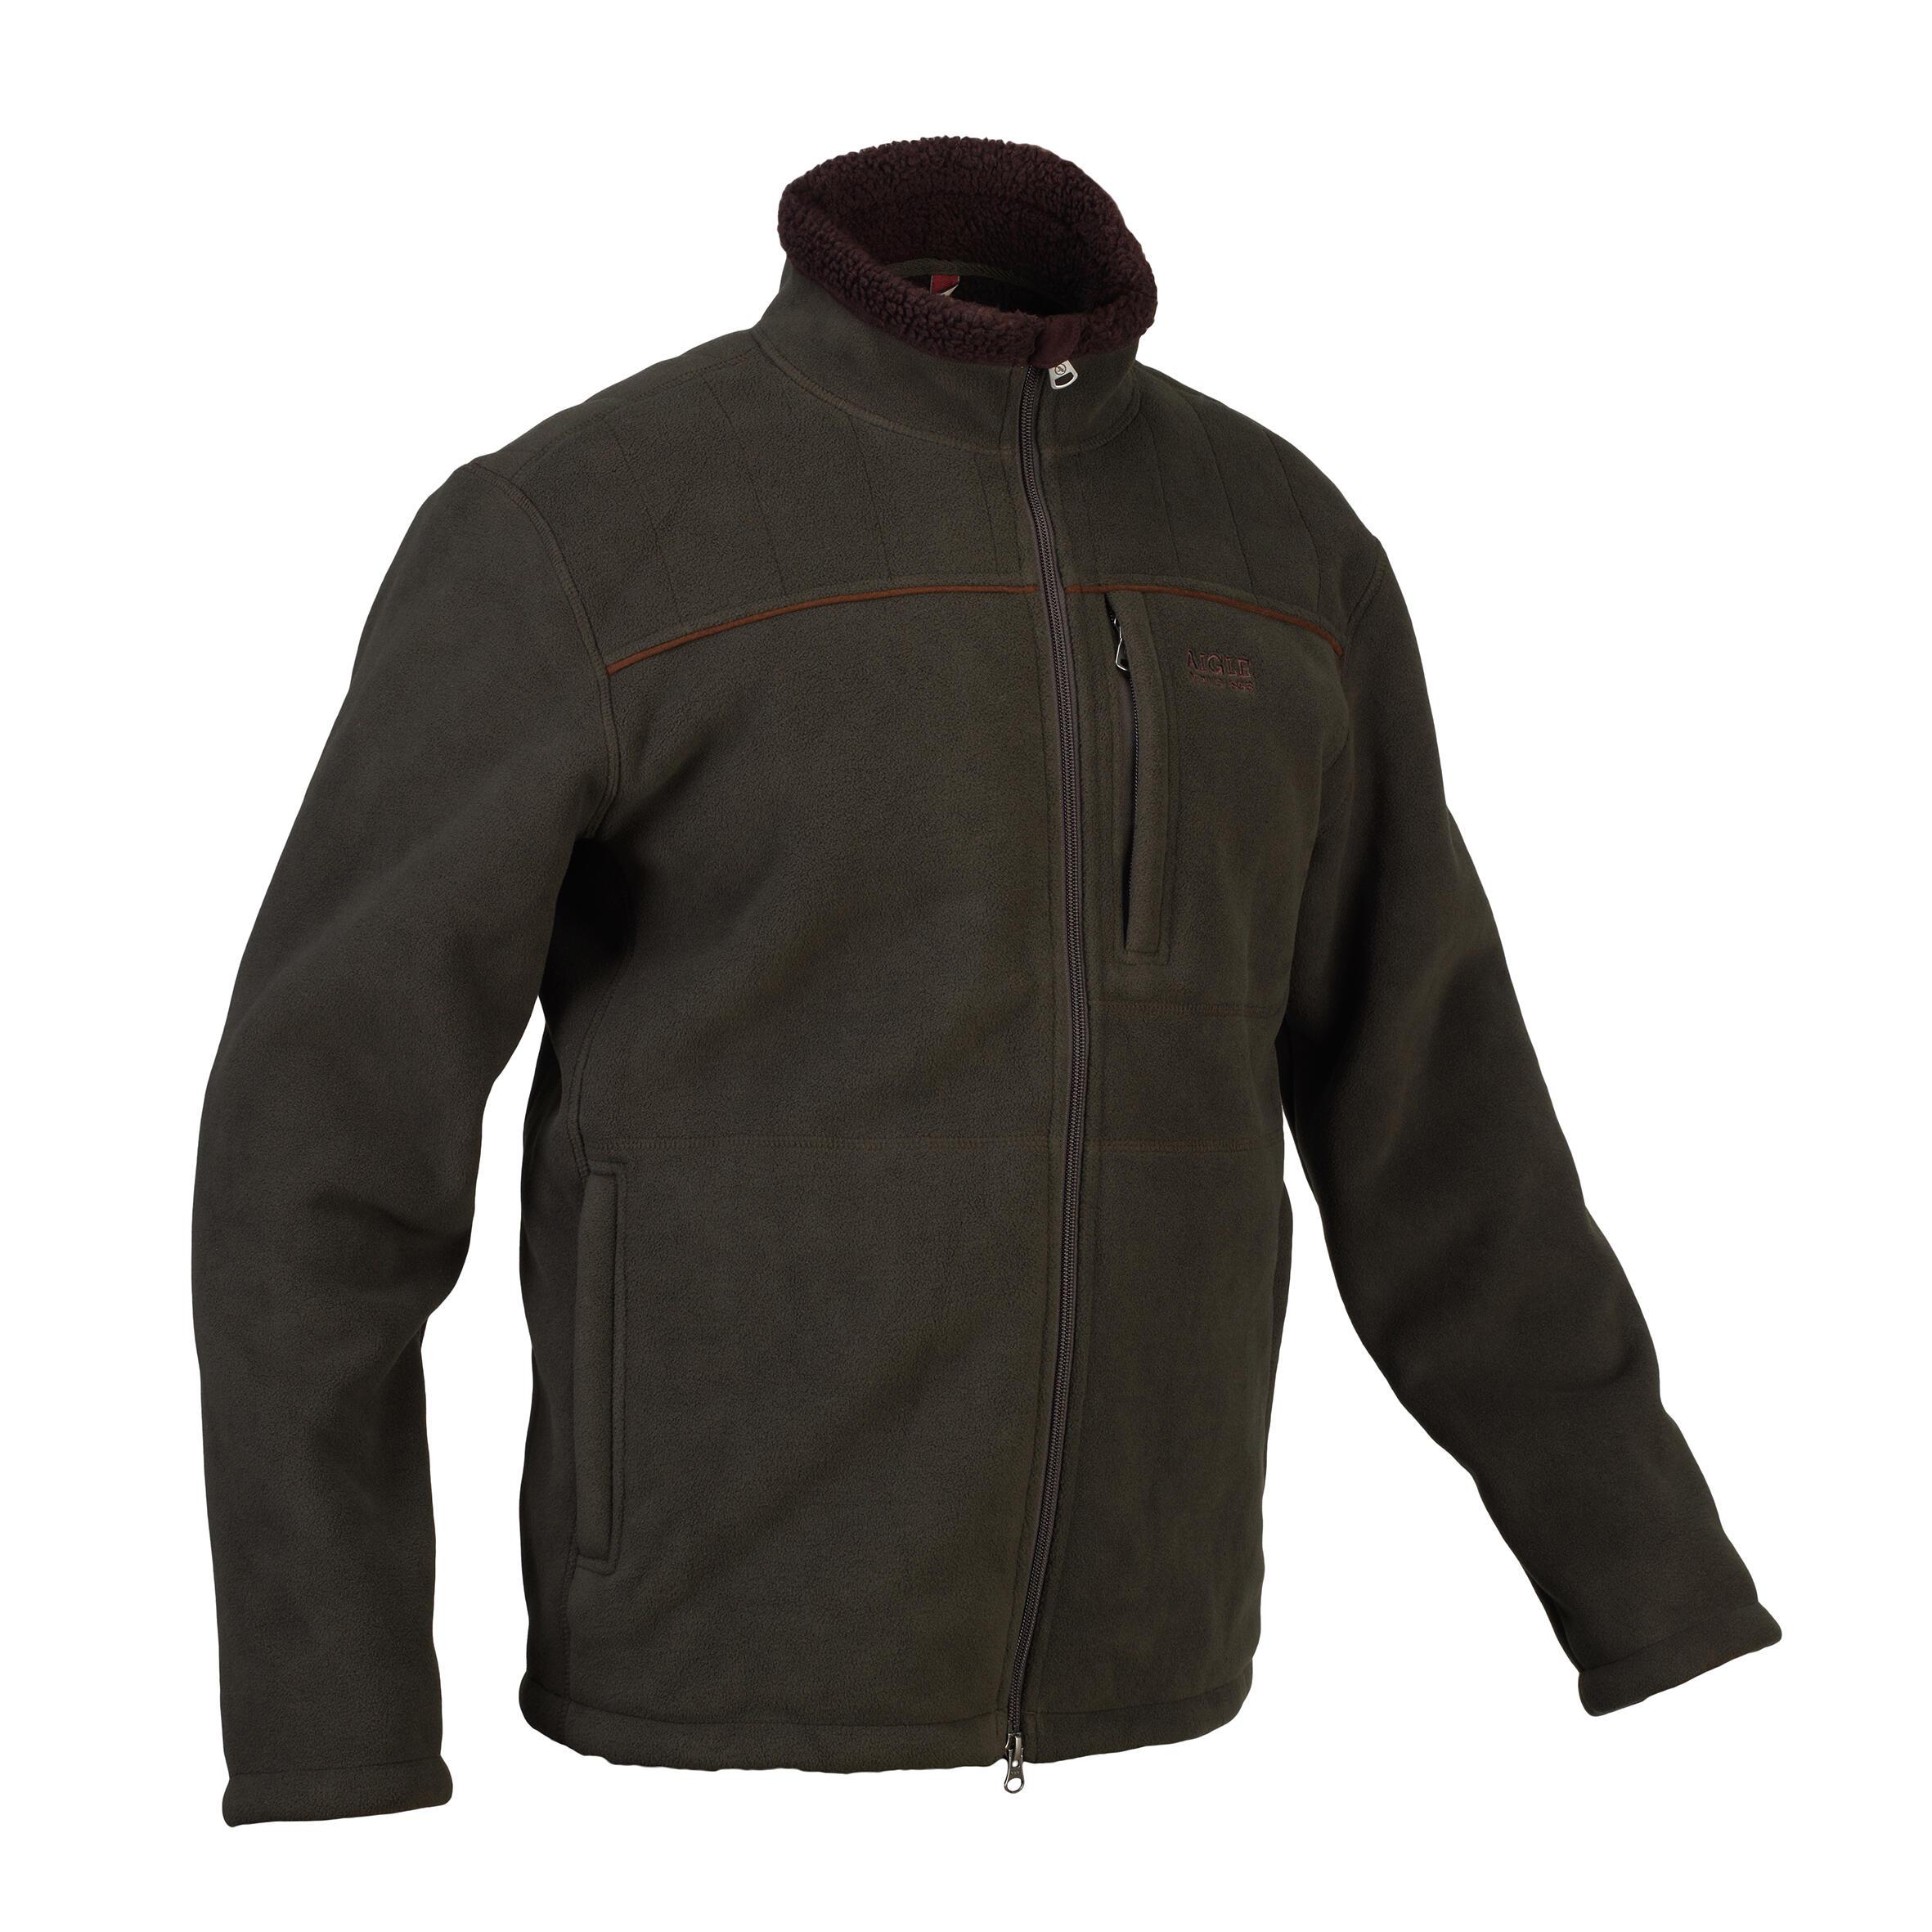 Comprar Polares y Jerseys de Caza online  2b70f3c757429